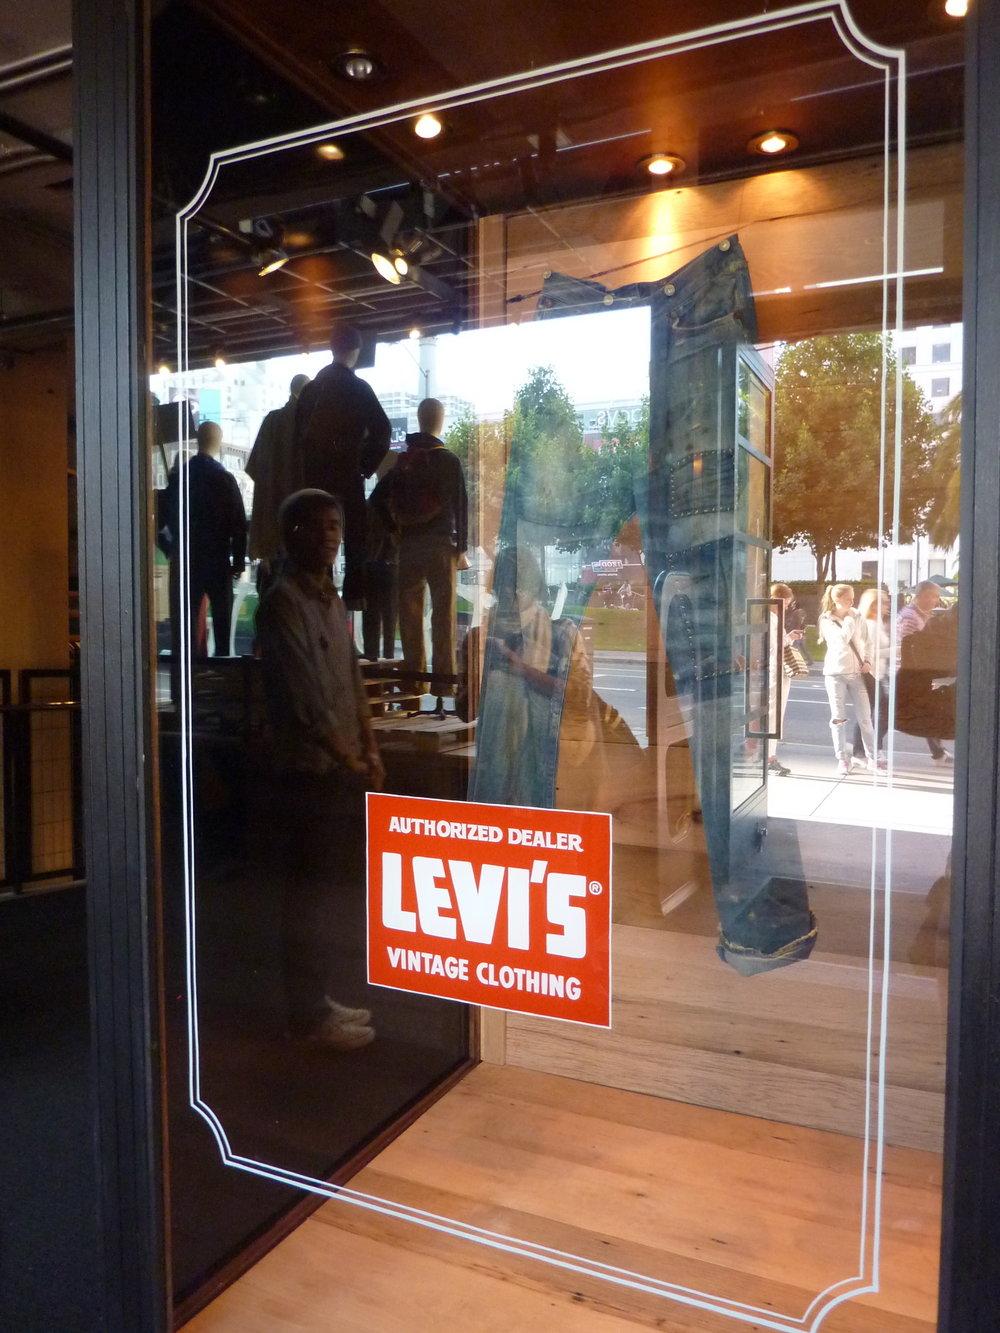 WINDOW-levis-vintage_6104971661_o.jpg